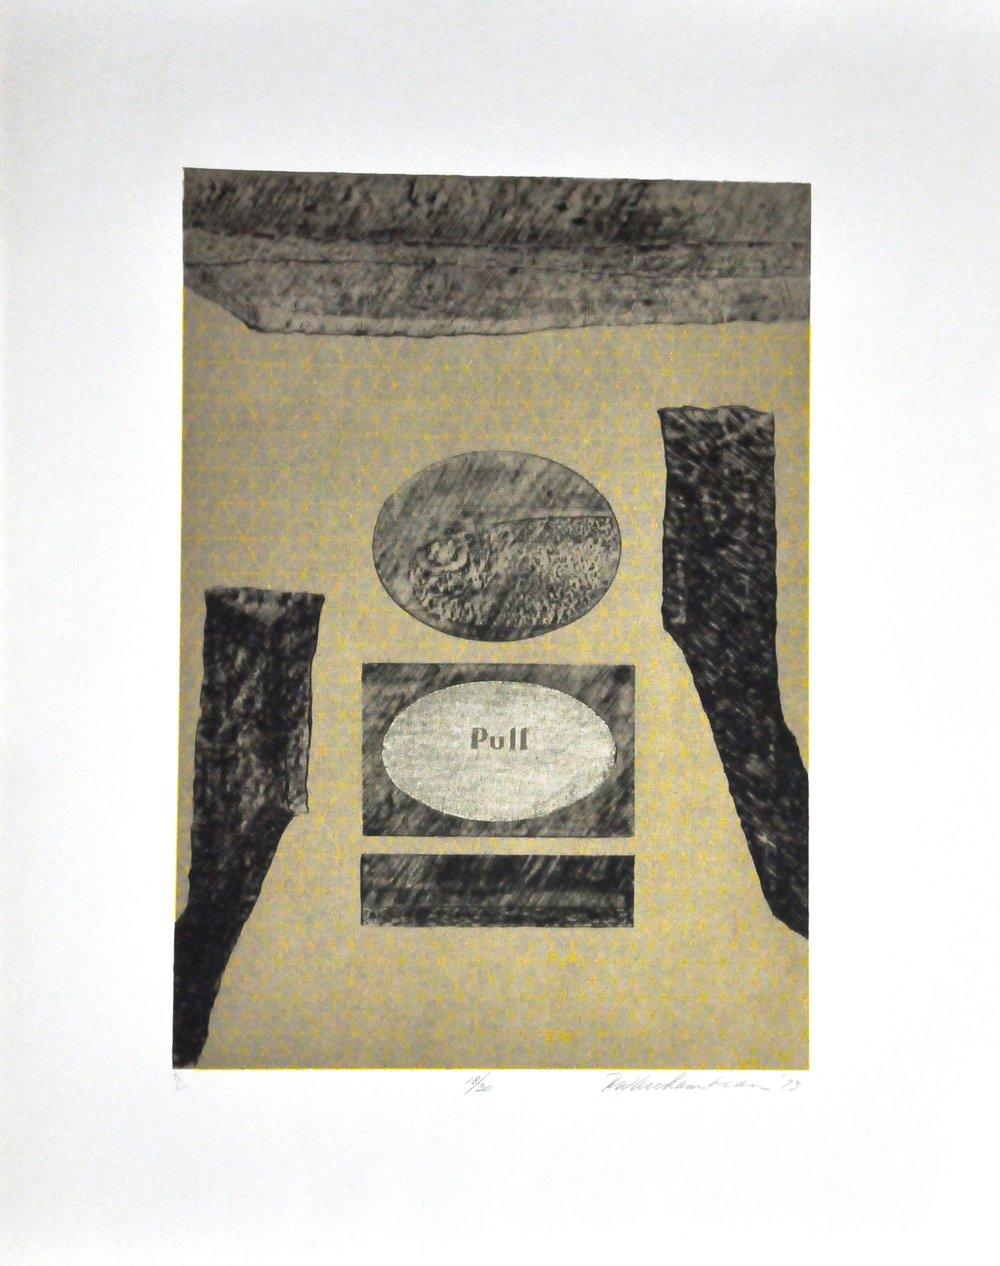 """Pull,  1973, Robert W. Archambeau, photo silkscreen, 18/30, 28.5""""   x 22.6"""", 2008.02.04, Gift of   the Canada Council Art Bank."""